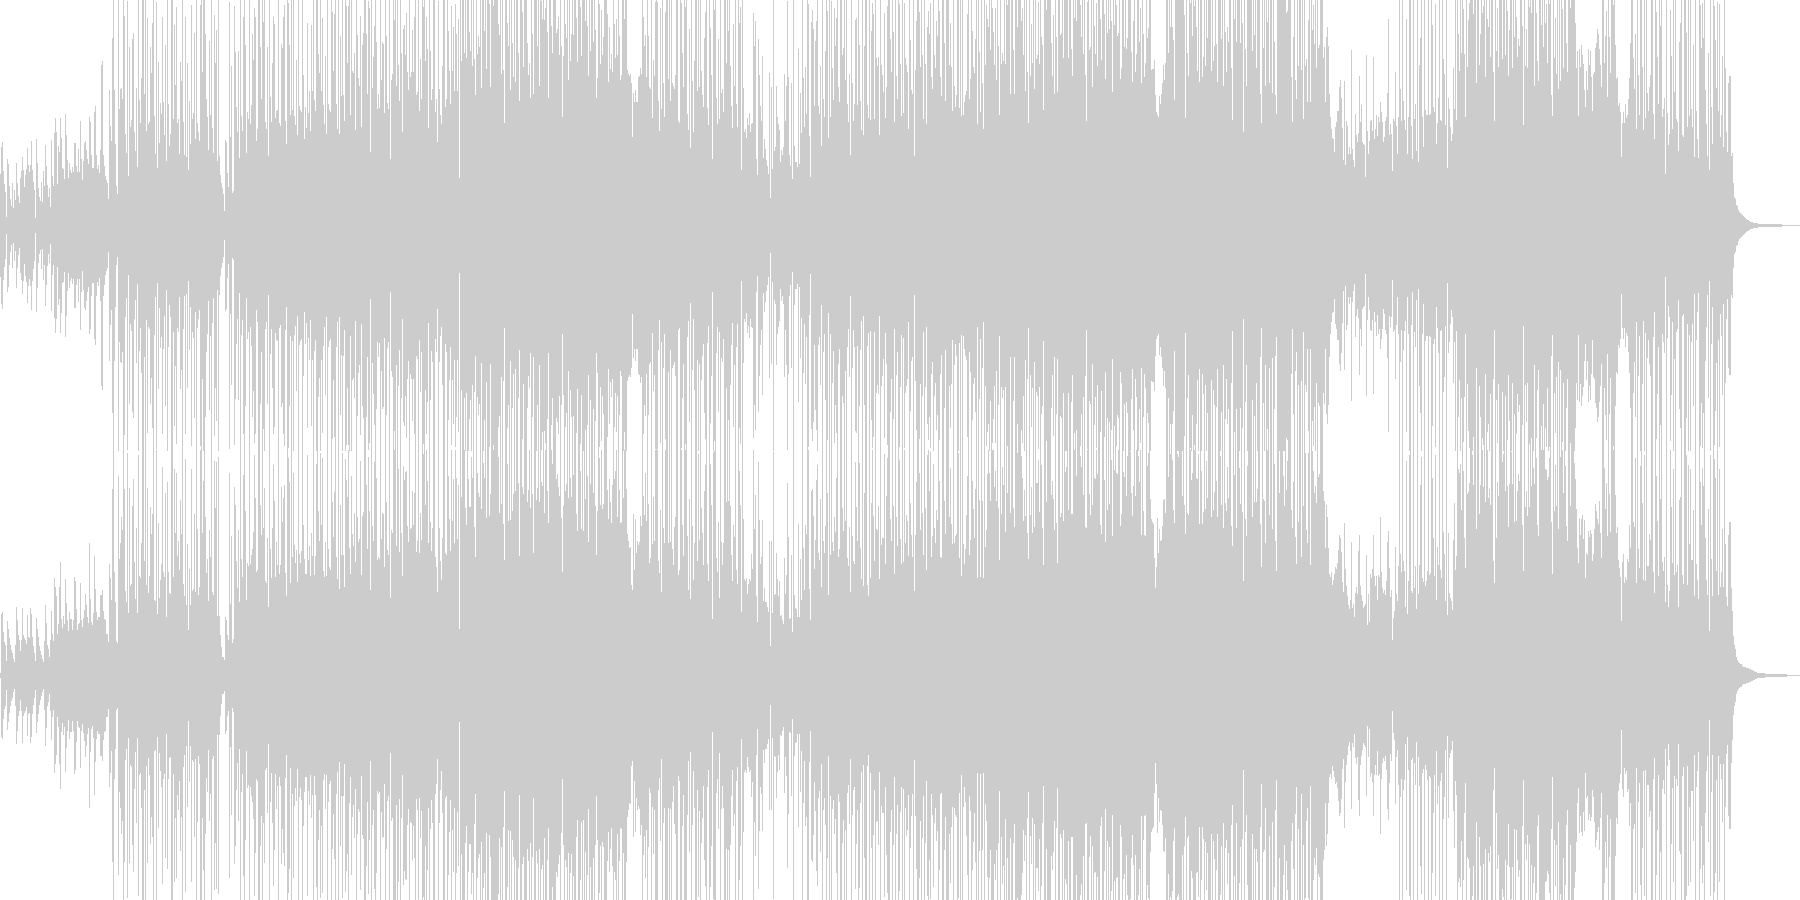 爽やかな木管とギターのポップス L+の未再生の波形